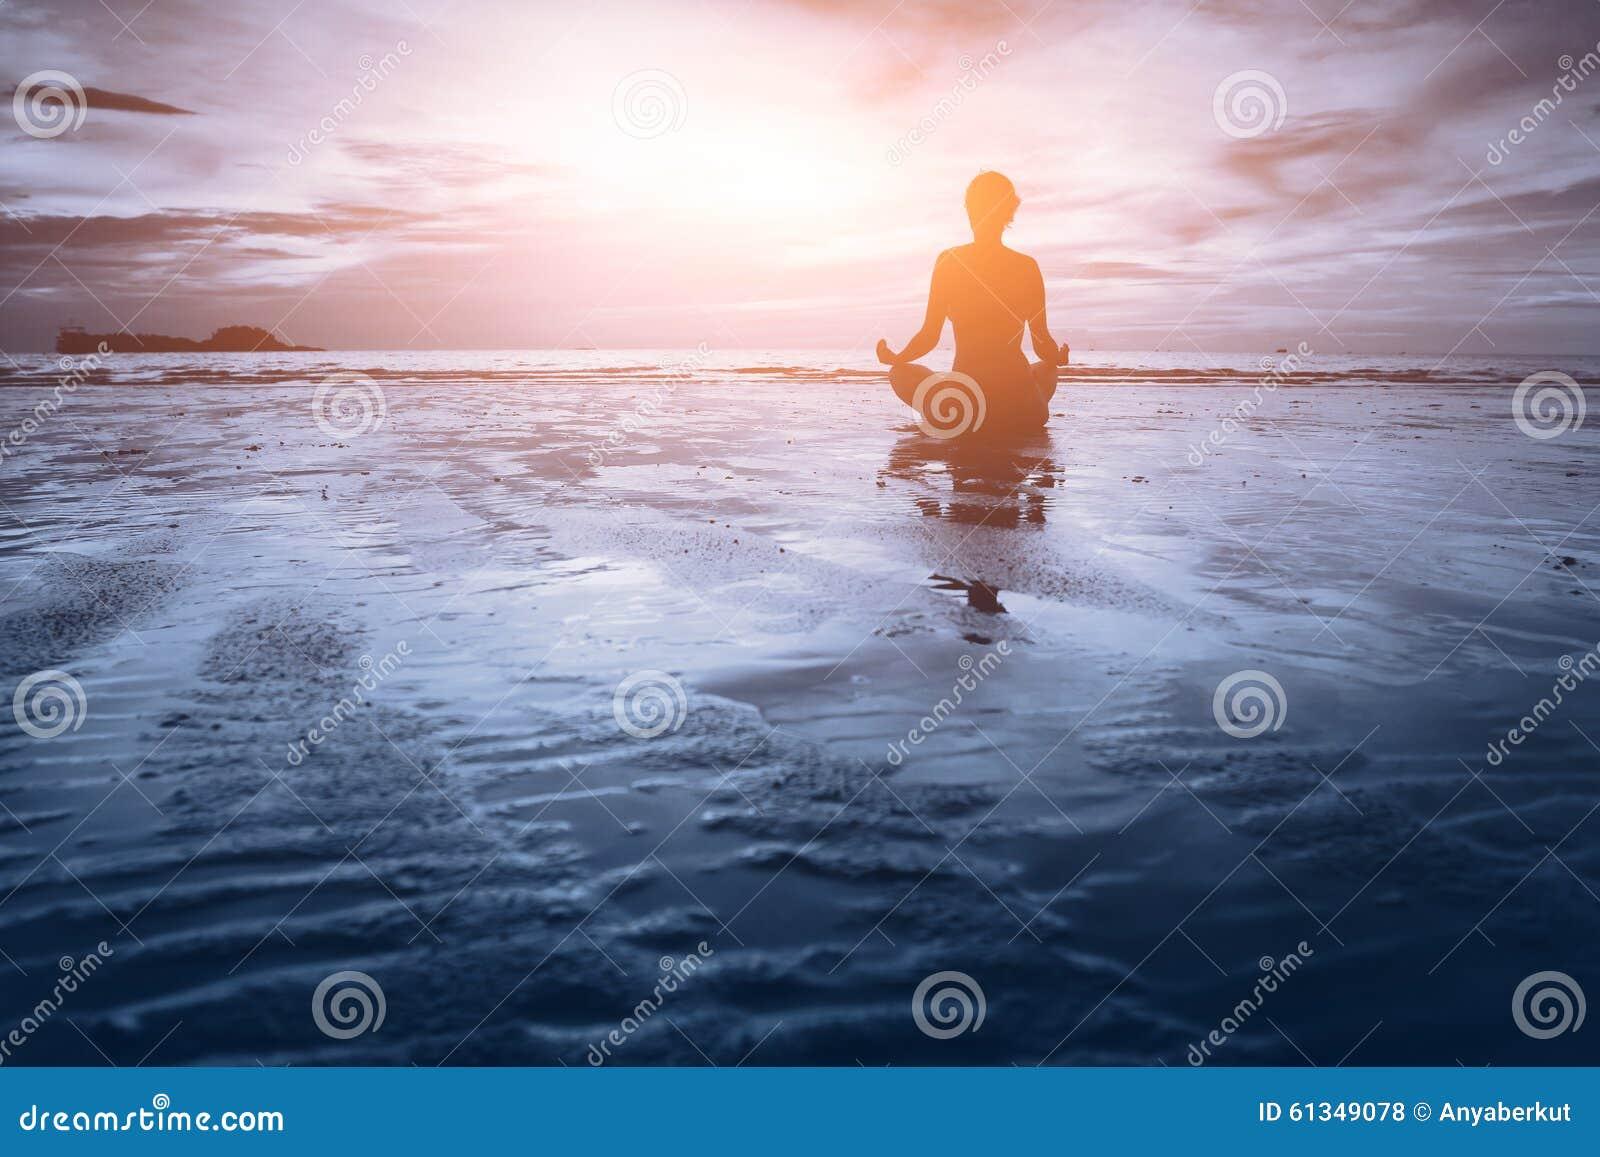 Meditatie - blauwe toon